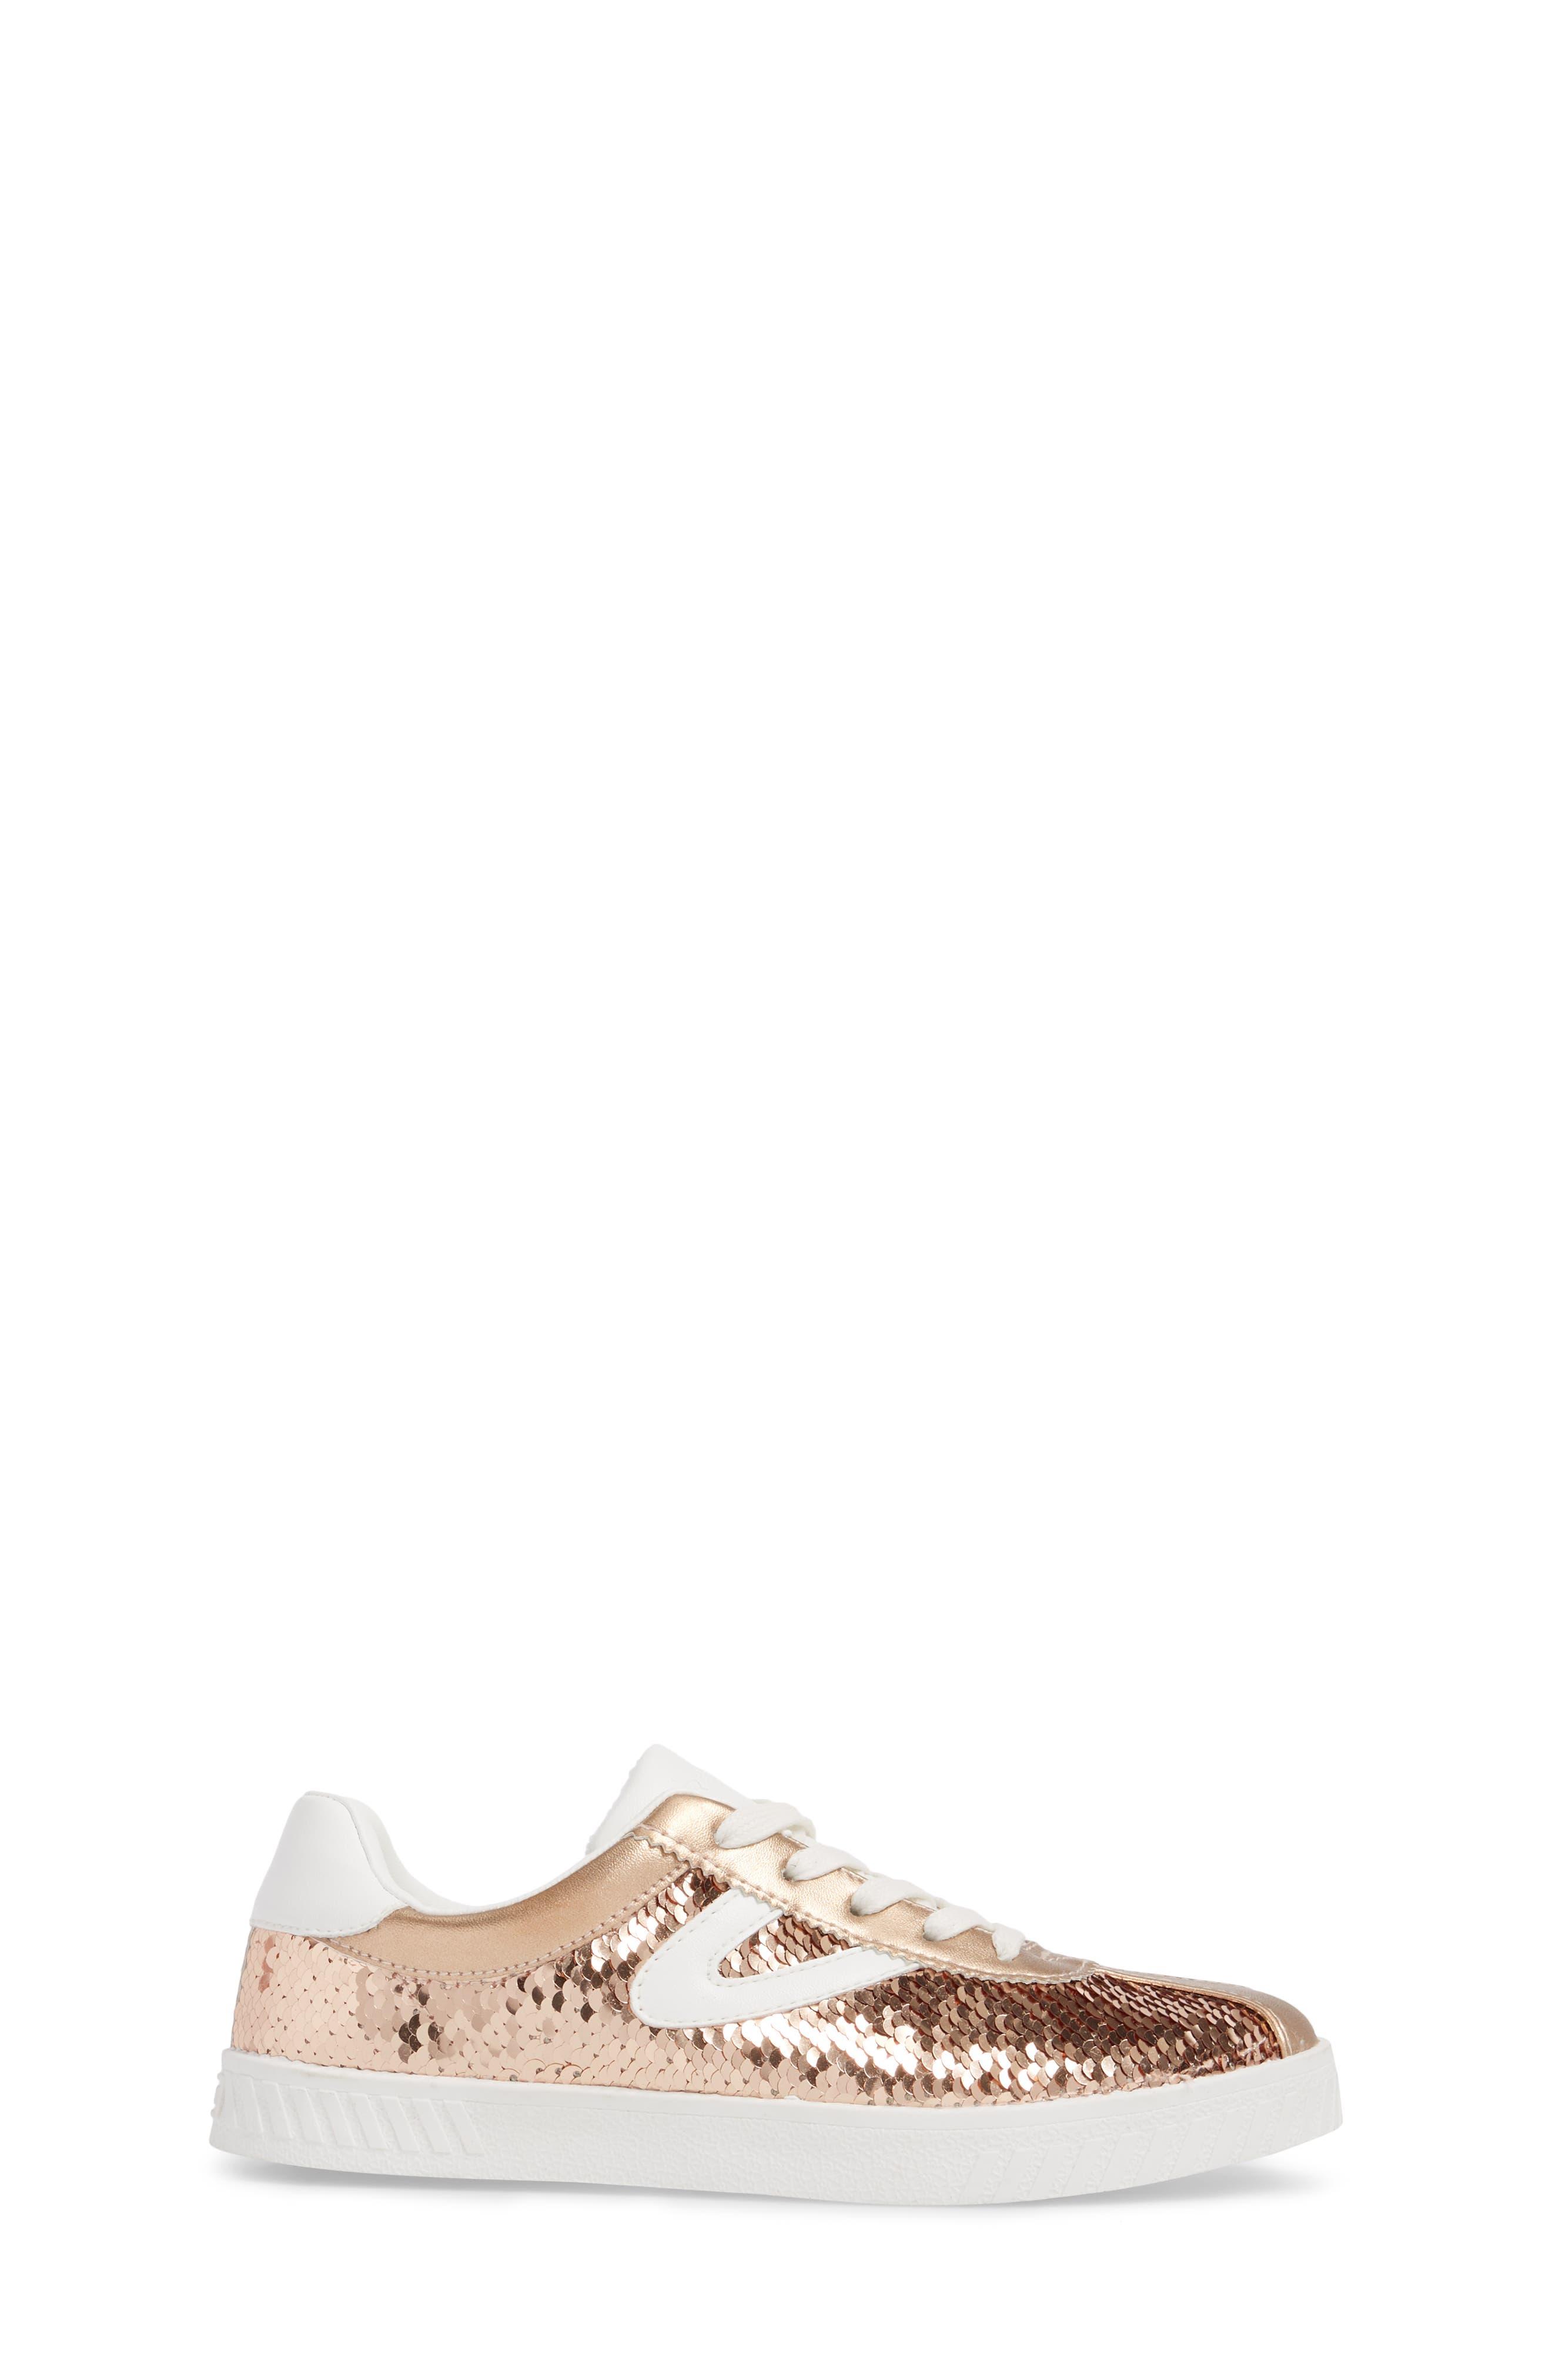 Camden Sequin Low Top Sneaker,                             Alternate thumbnail 3, color,                             DARK PINK